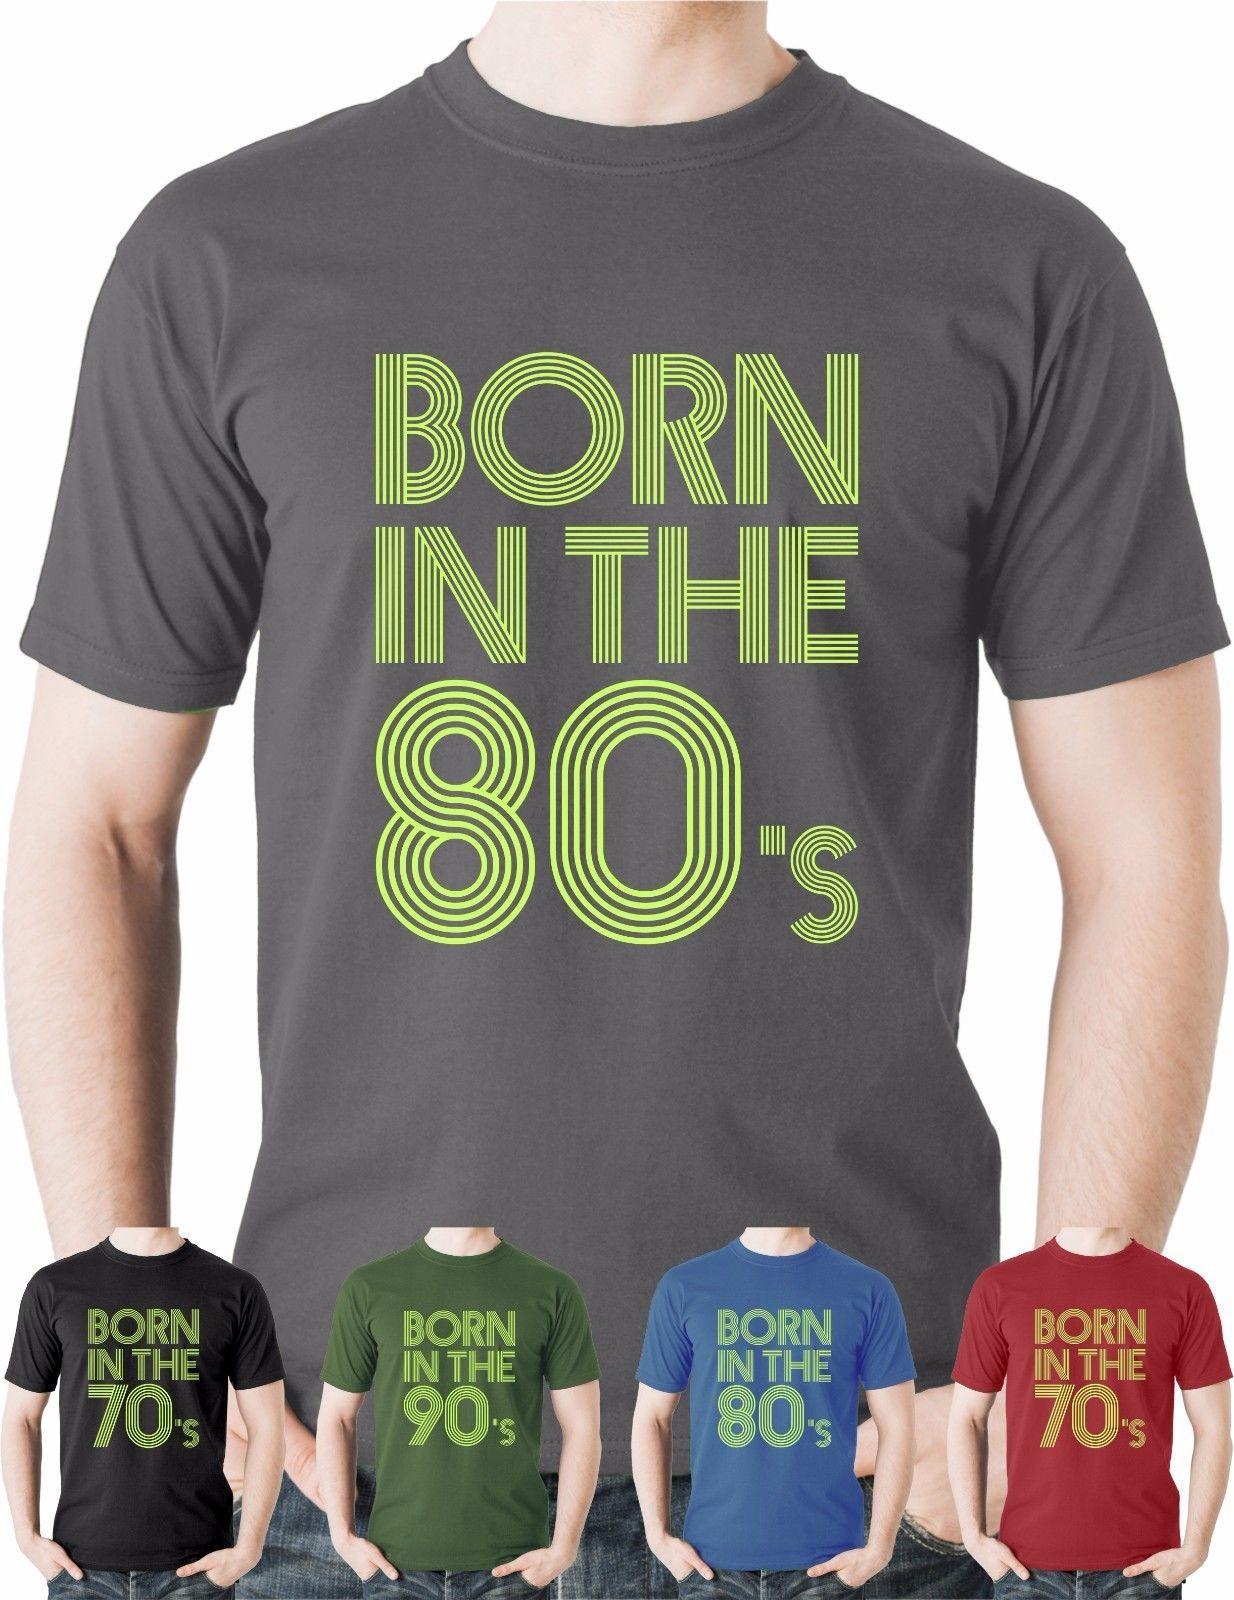 a62943dff Compre 2018 Novos Homens Nascidos Nos Anos 70 80s 90 S Camiseta Top  Nostalgia Novidade Presente Tee Tee Camisetas De Annisoulstore, $24.2 |  Pt.Dhgate.Com